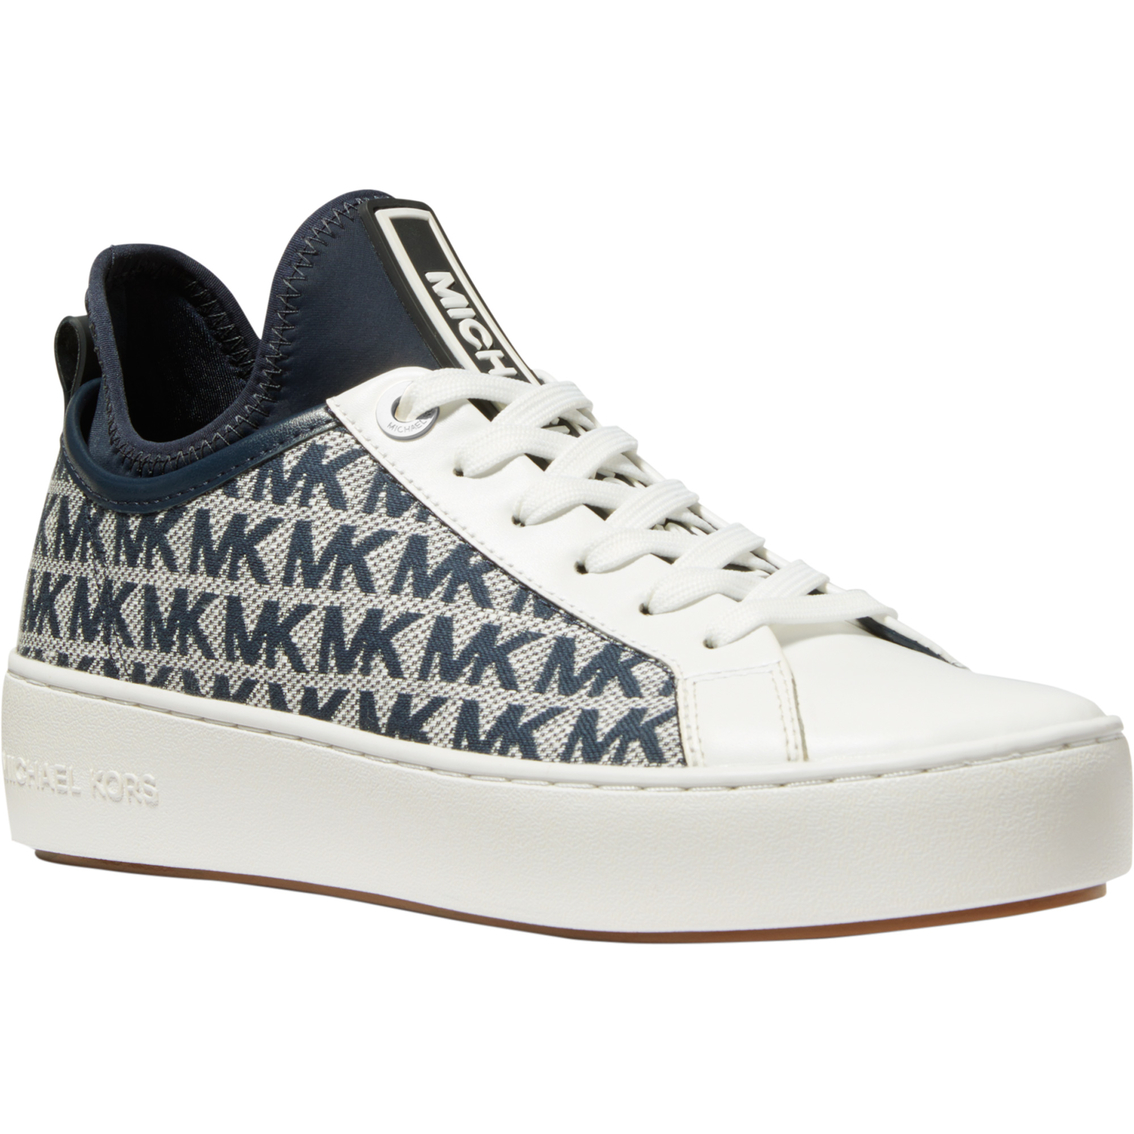 michael kors signature sneakers